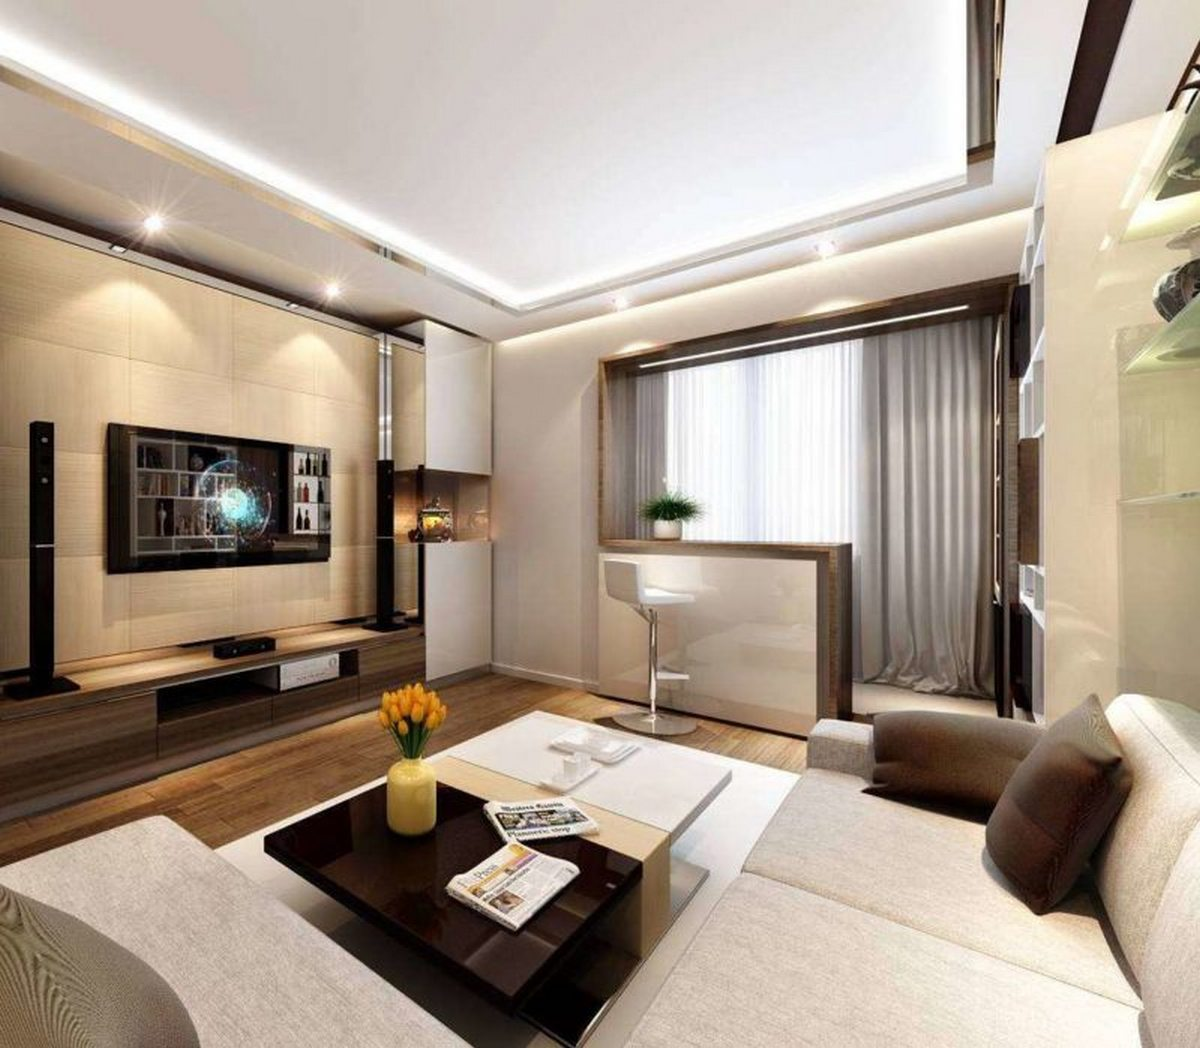 дизайн гостиной комнаты с балконом